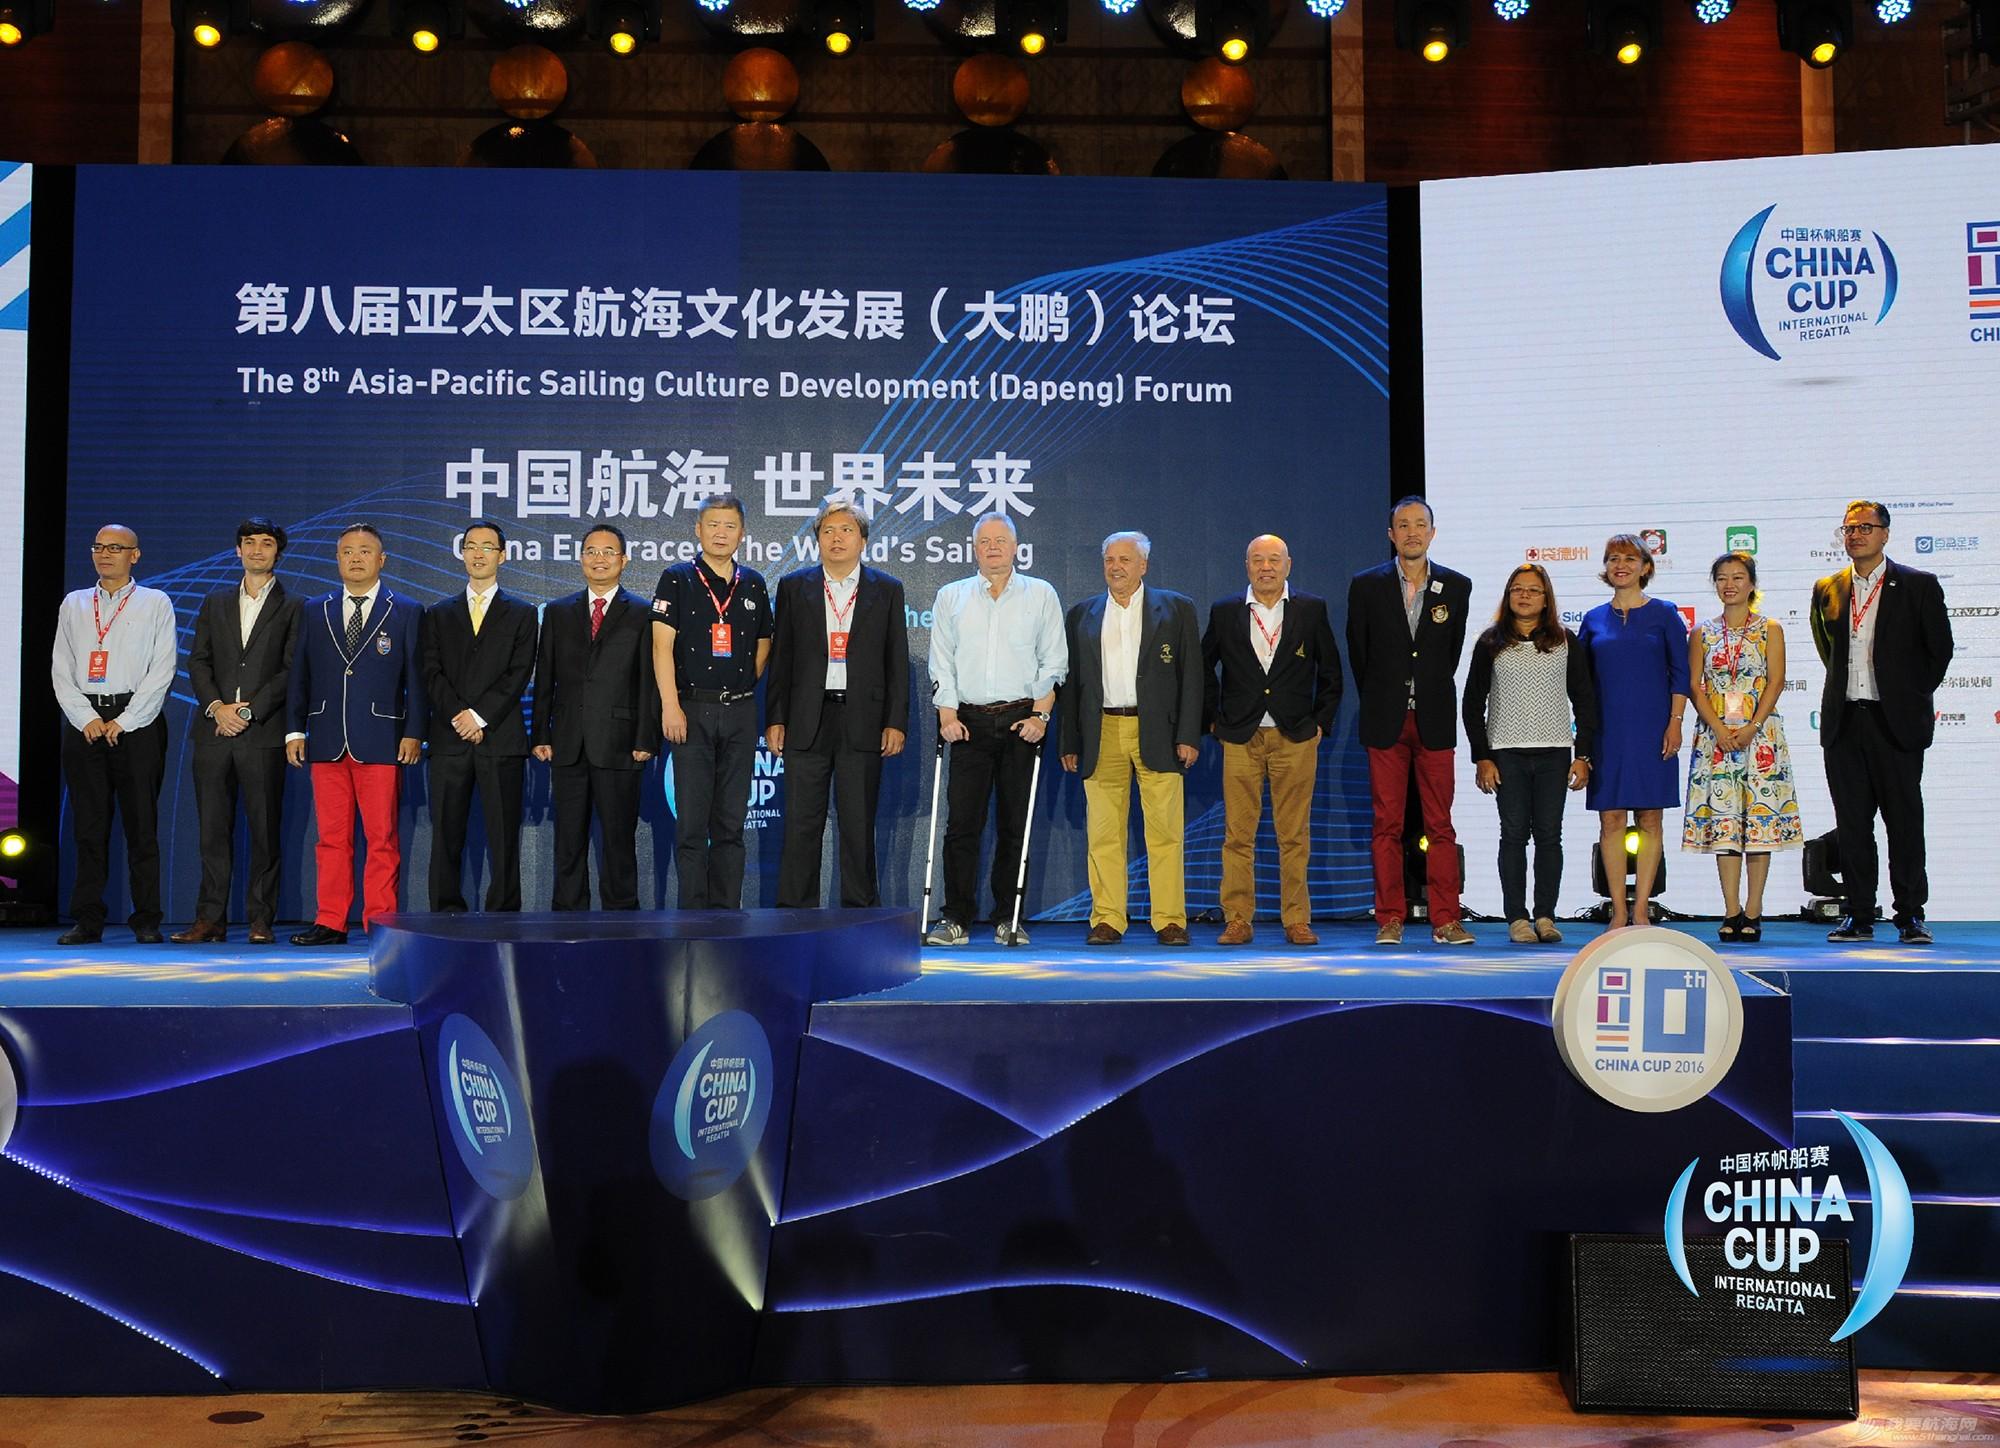 """中国航海 世界未来 第八届""""亚太区航海文化发展(大鹏)论坛""""在深圳举行 lADOf8ecNs0G1s0JcQ_2417_1750.jpg"""